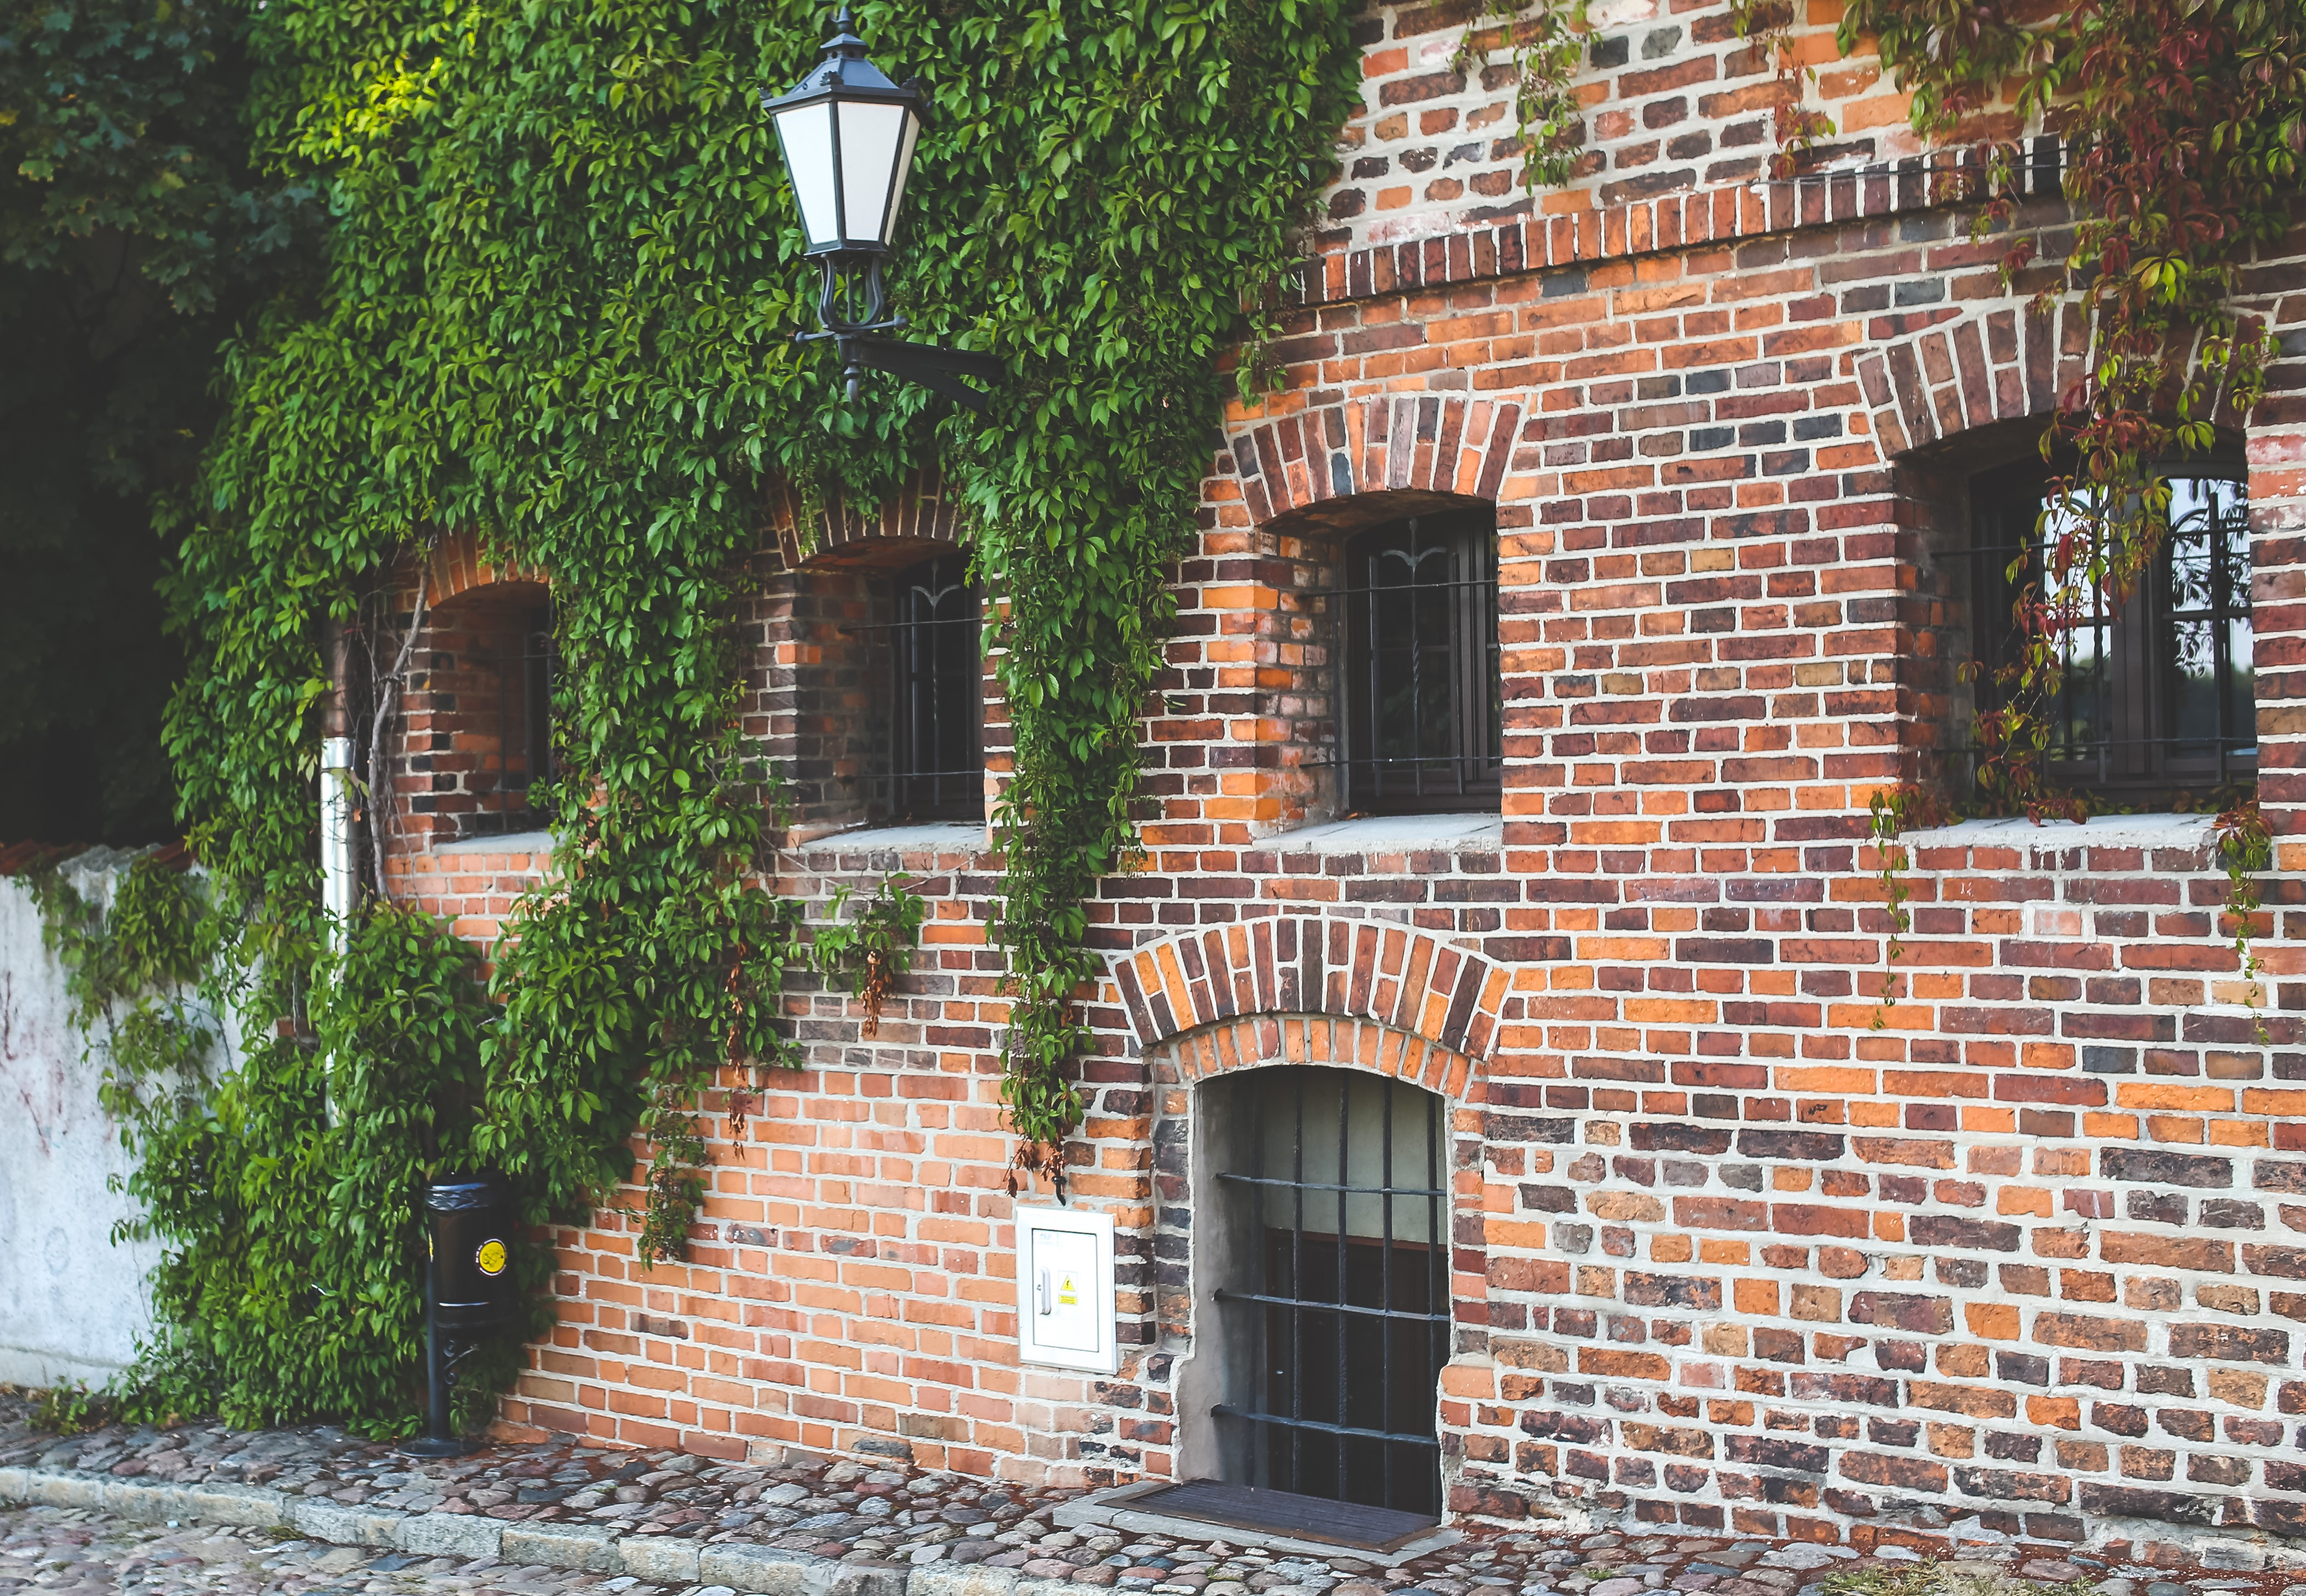 city-street-bricks-vintage